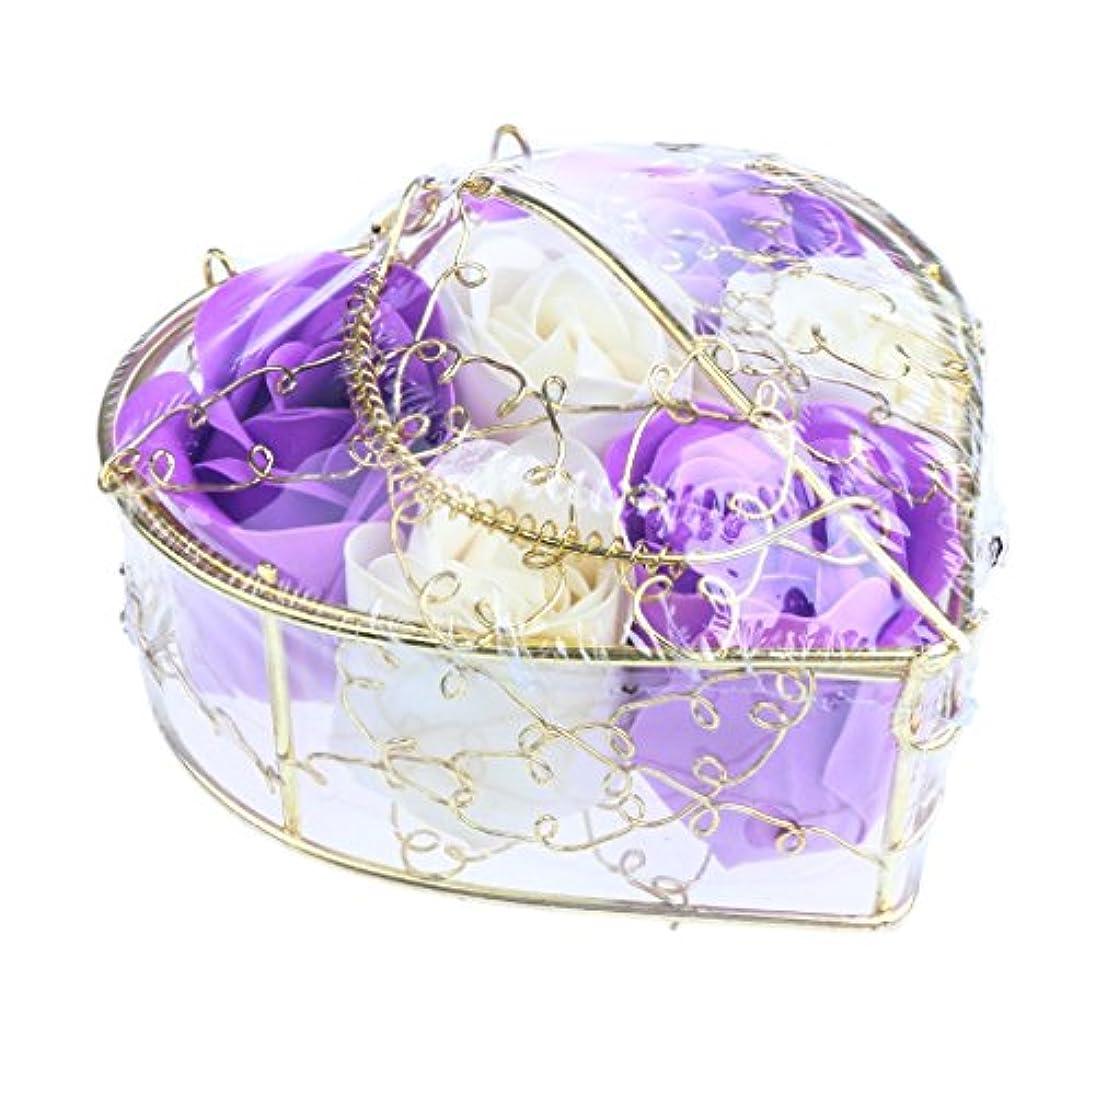 ベリ一杯落胆したFenteer 6個 ソープフラワー 石鹸の花 バラ 心の形 ギフトボックス  バレンタインデー  ホワイトデー  母の日 結婚記念日 プレゼント 全5タイプ選べる - 紫と白